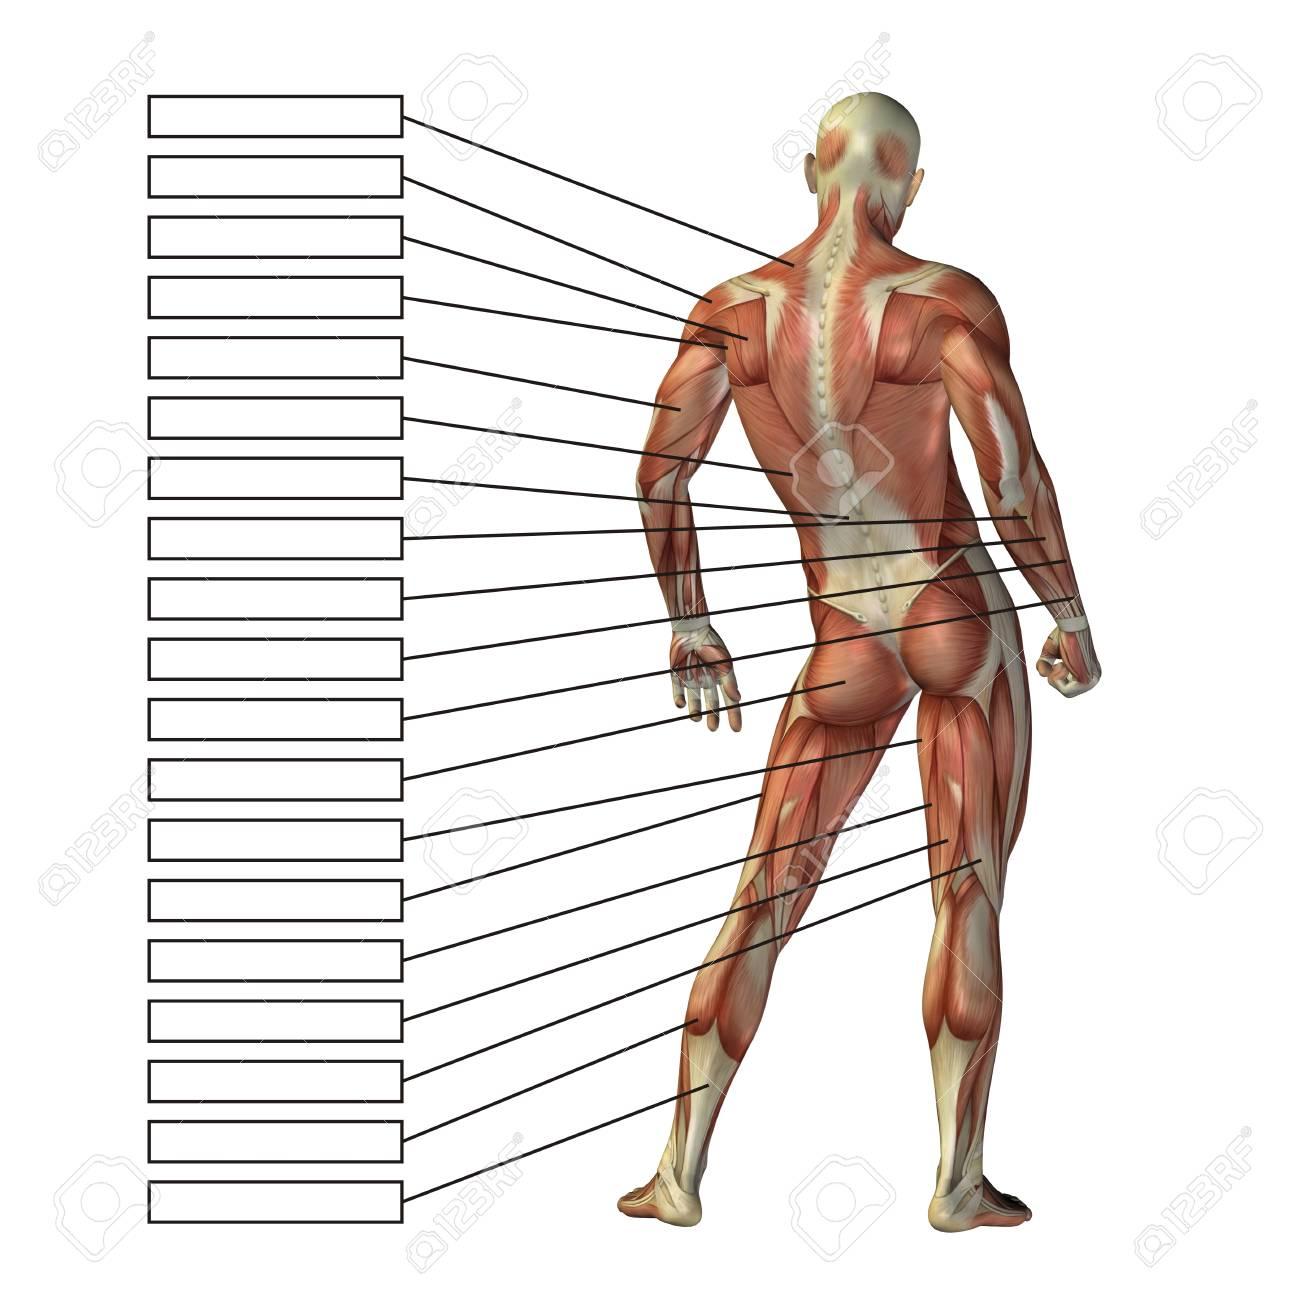 Menschliche Anatomie Der Person 3D Mit Muskeln Und Textfeld ...